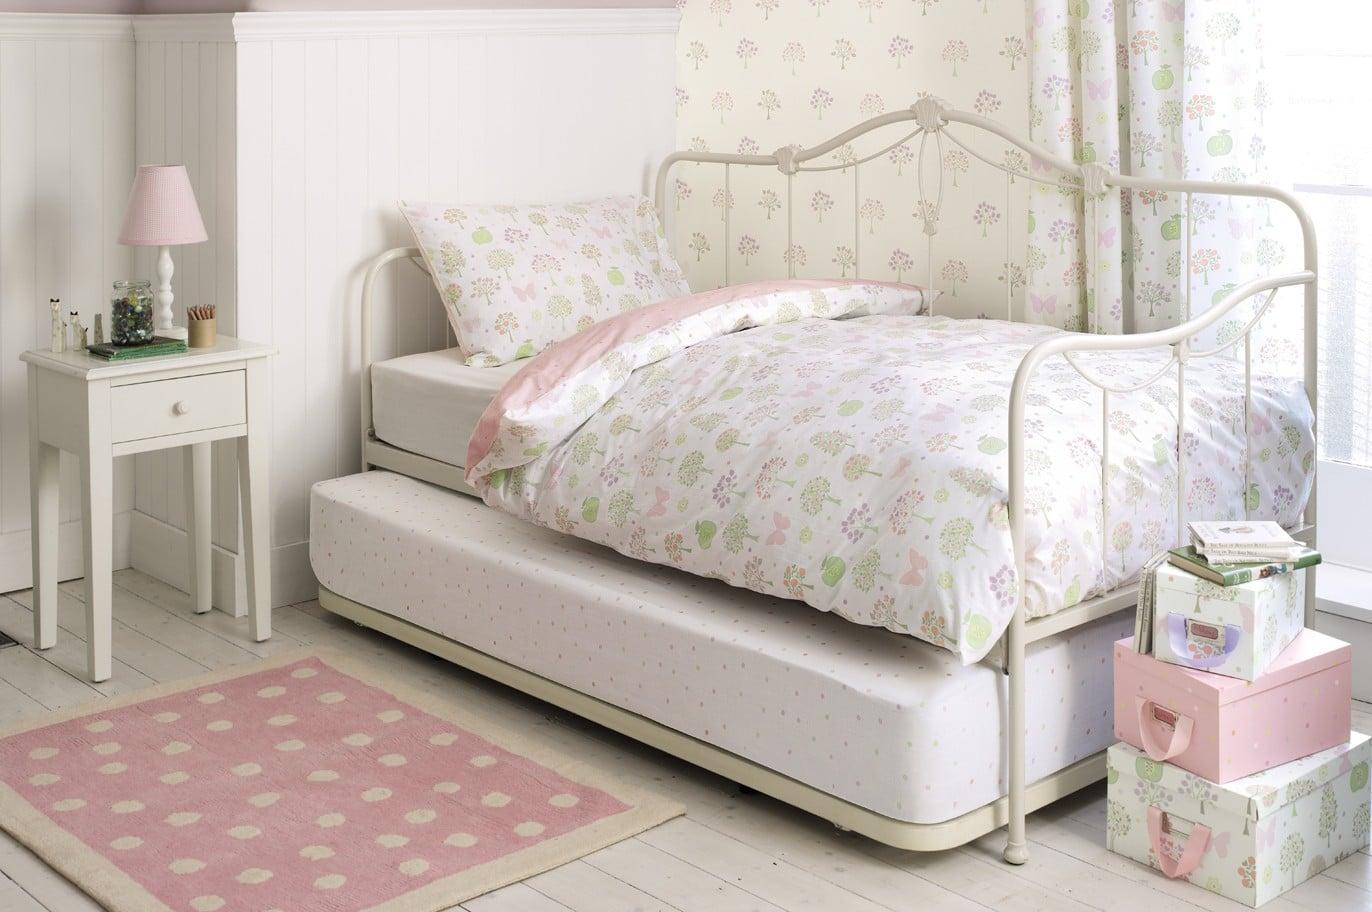 Soluciones de espacio camas nido para habitaciones peque as - Escaleras para camas nido ...